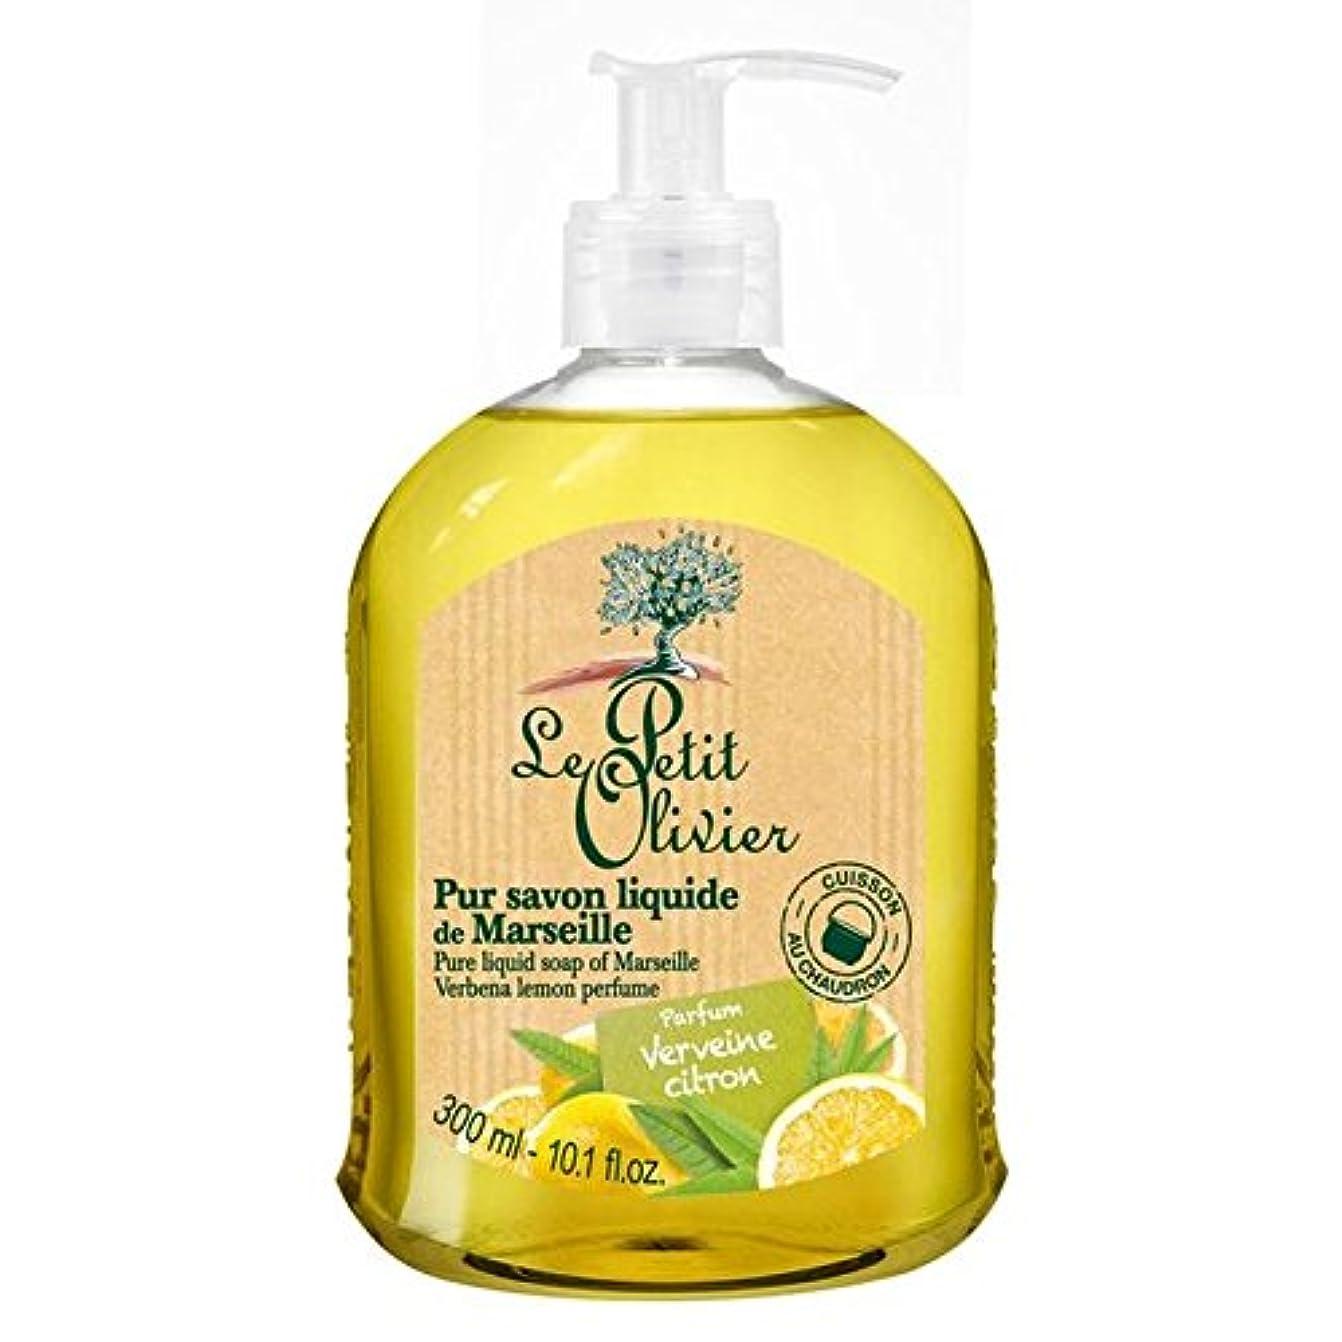 消毒剤ネズミ一緒Le Petit Olivier Pure Liquid Soap of Marseille, Verbena Lemon 300ml - マルセイユのル?プティ?オリヴィエ純粋な液体石鹸、バーベナレモン300ミリリットル...